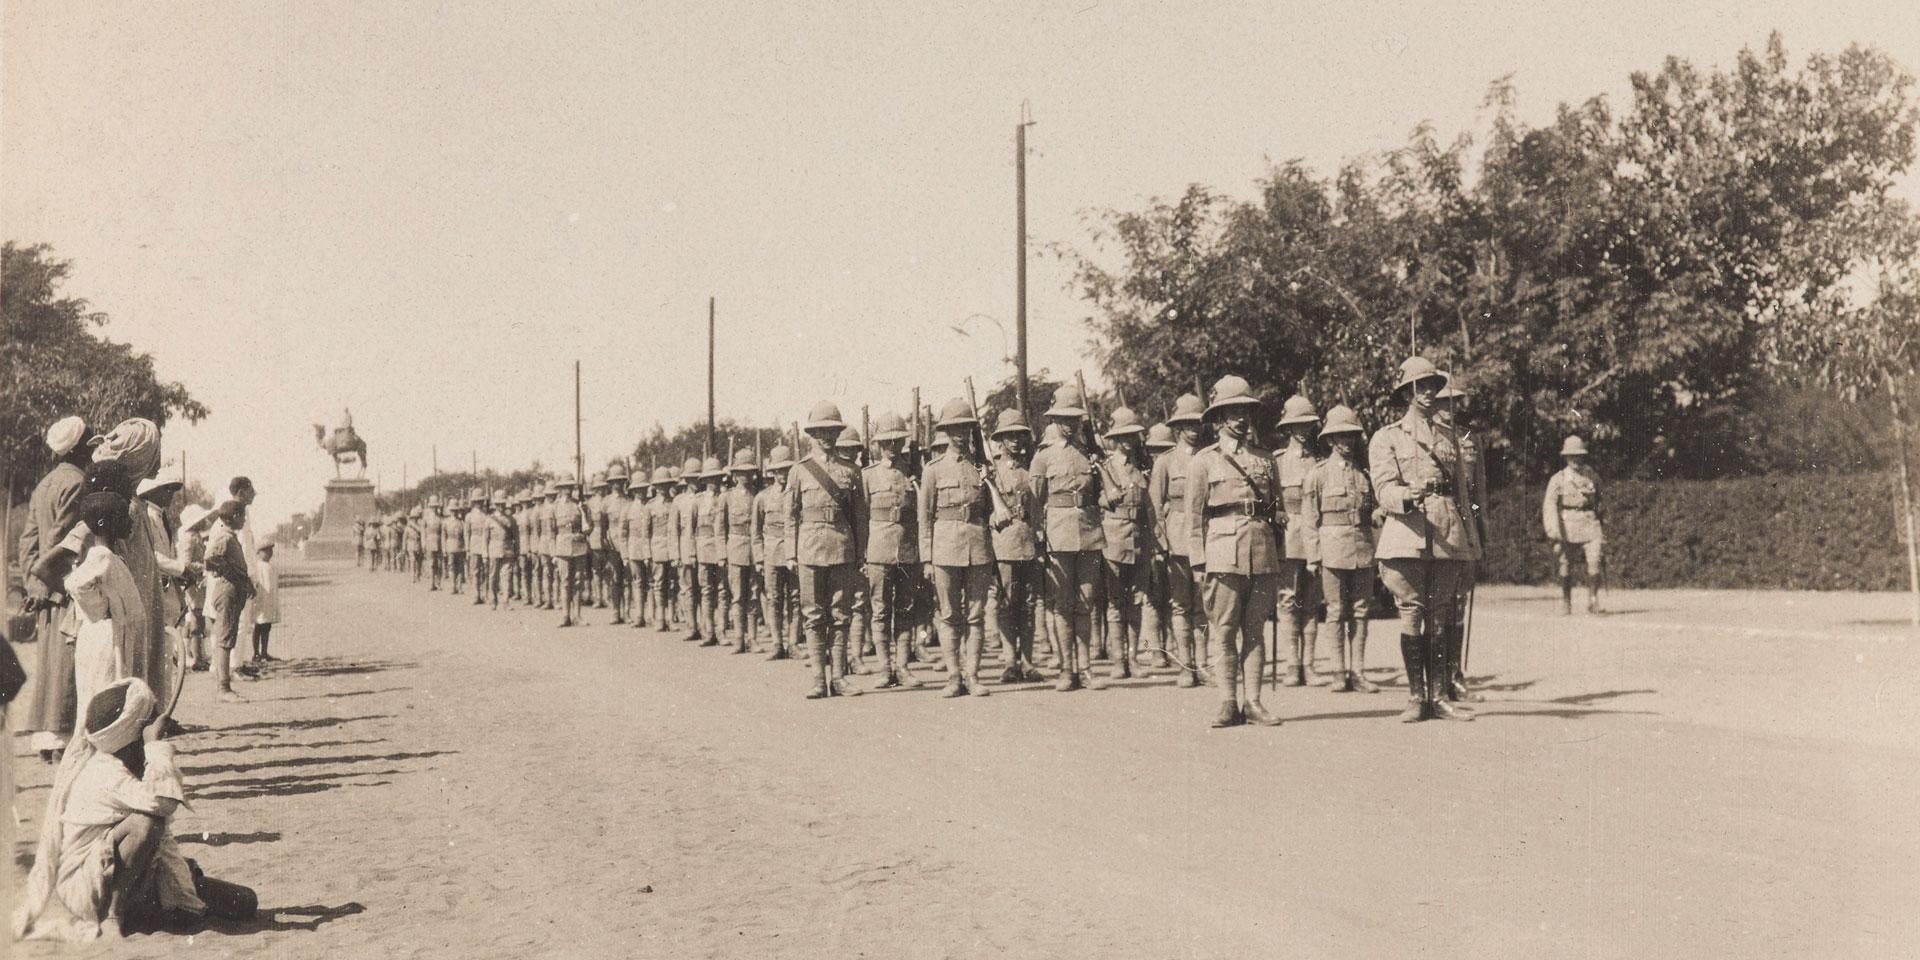 2nd Battalion The Queen's Royal Regiment (West Surrey) in Khartoum, 1927